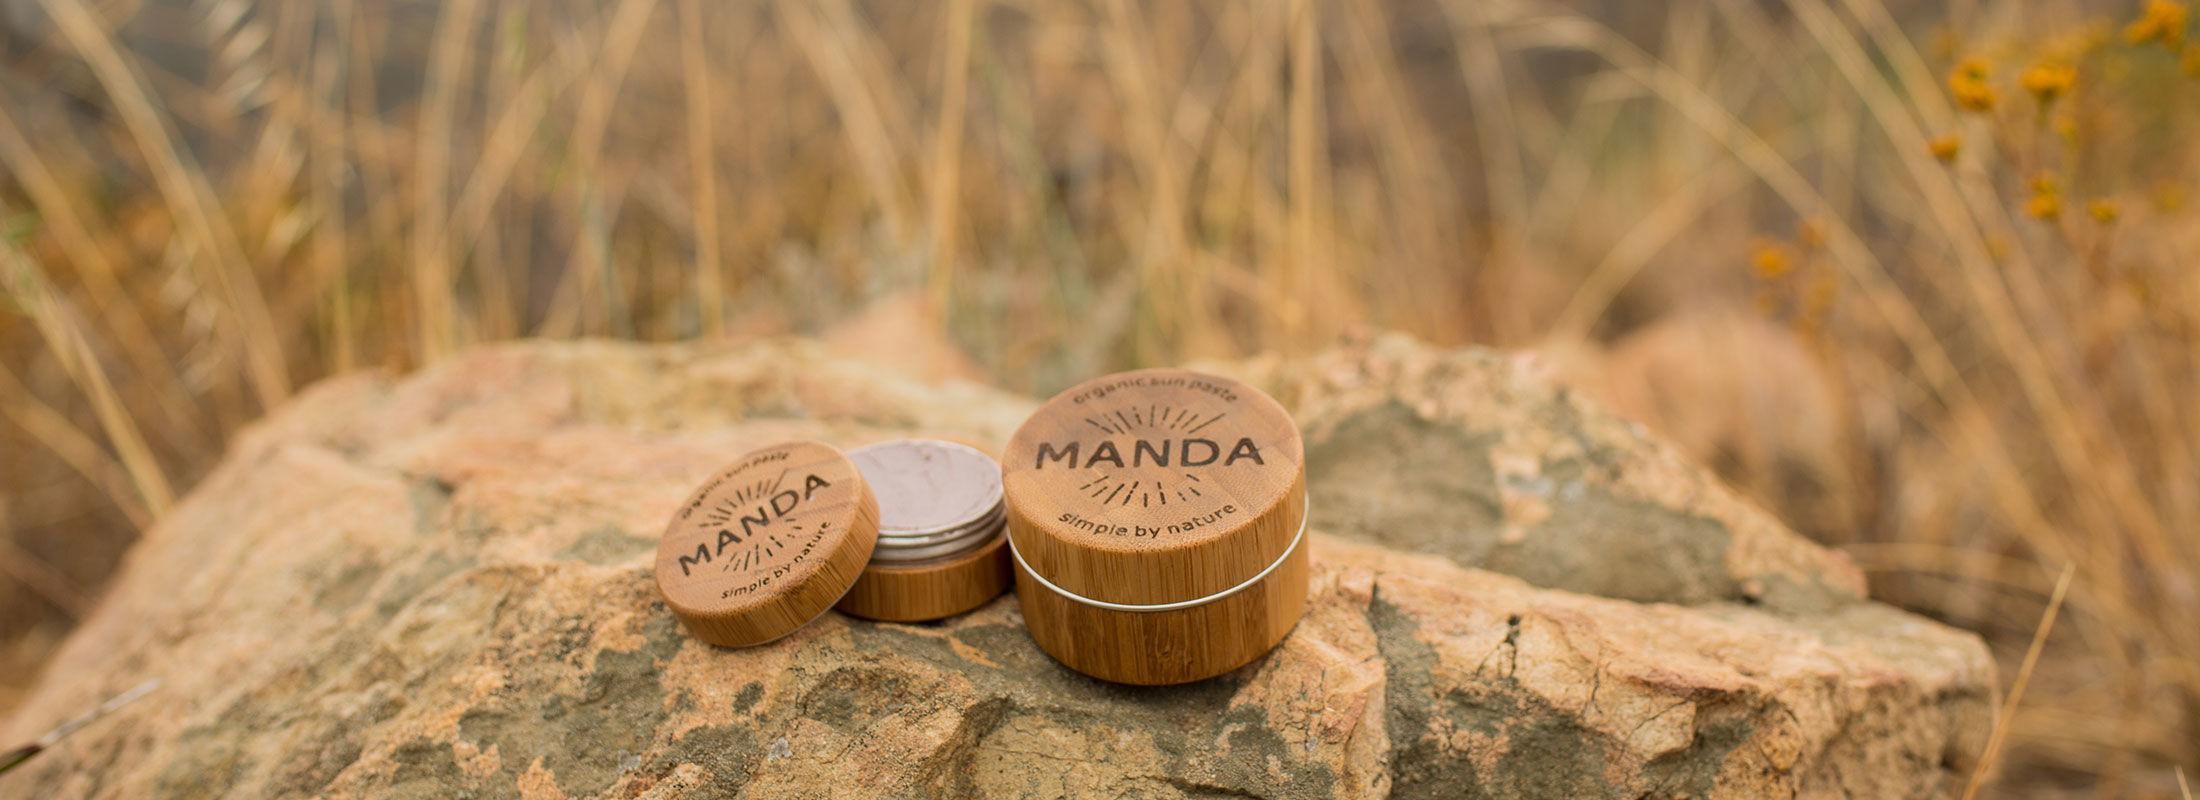 天然素材でできた、海に優しいオーガニック日焼け止め「MANDA」